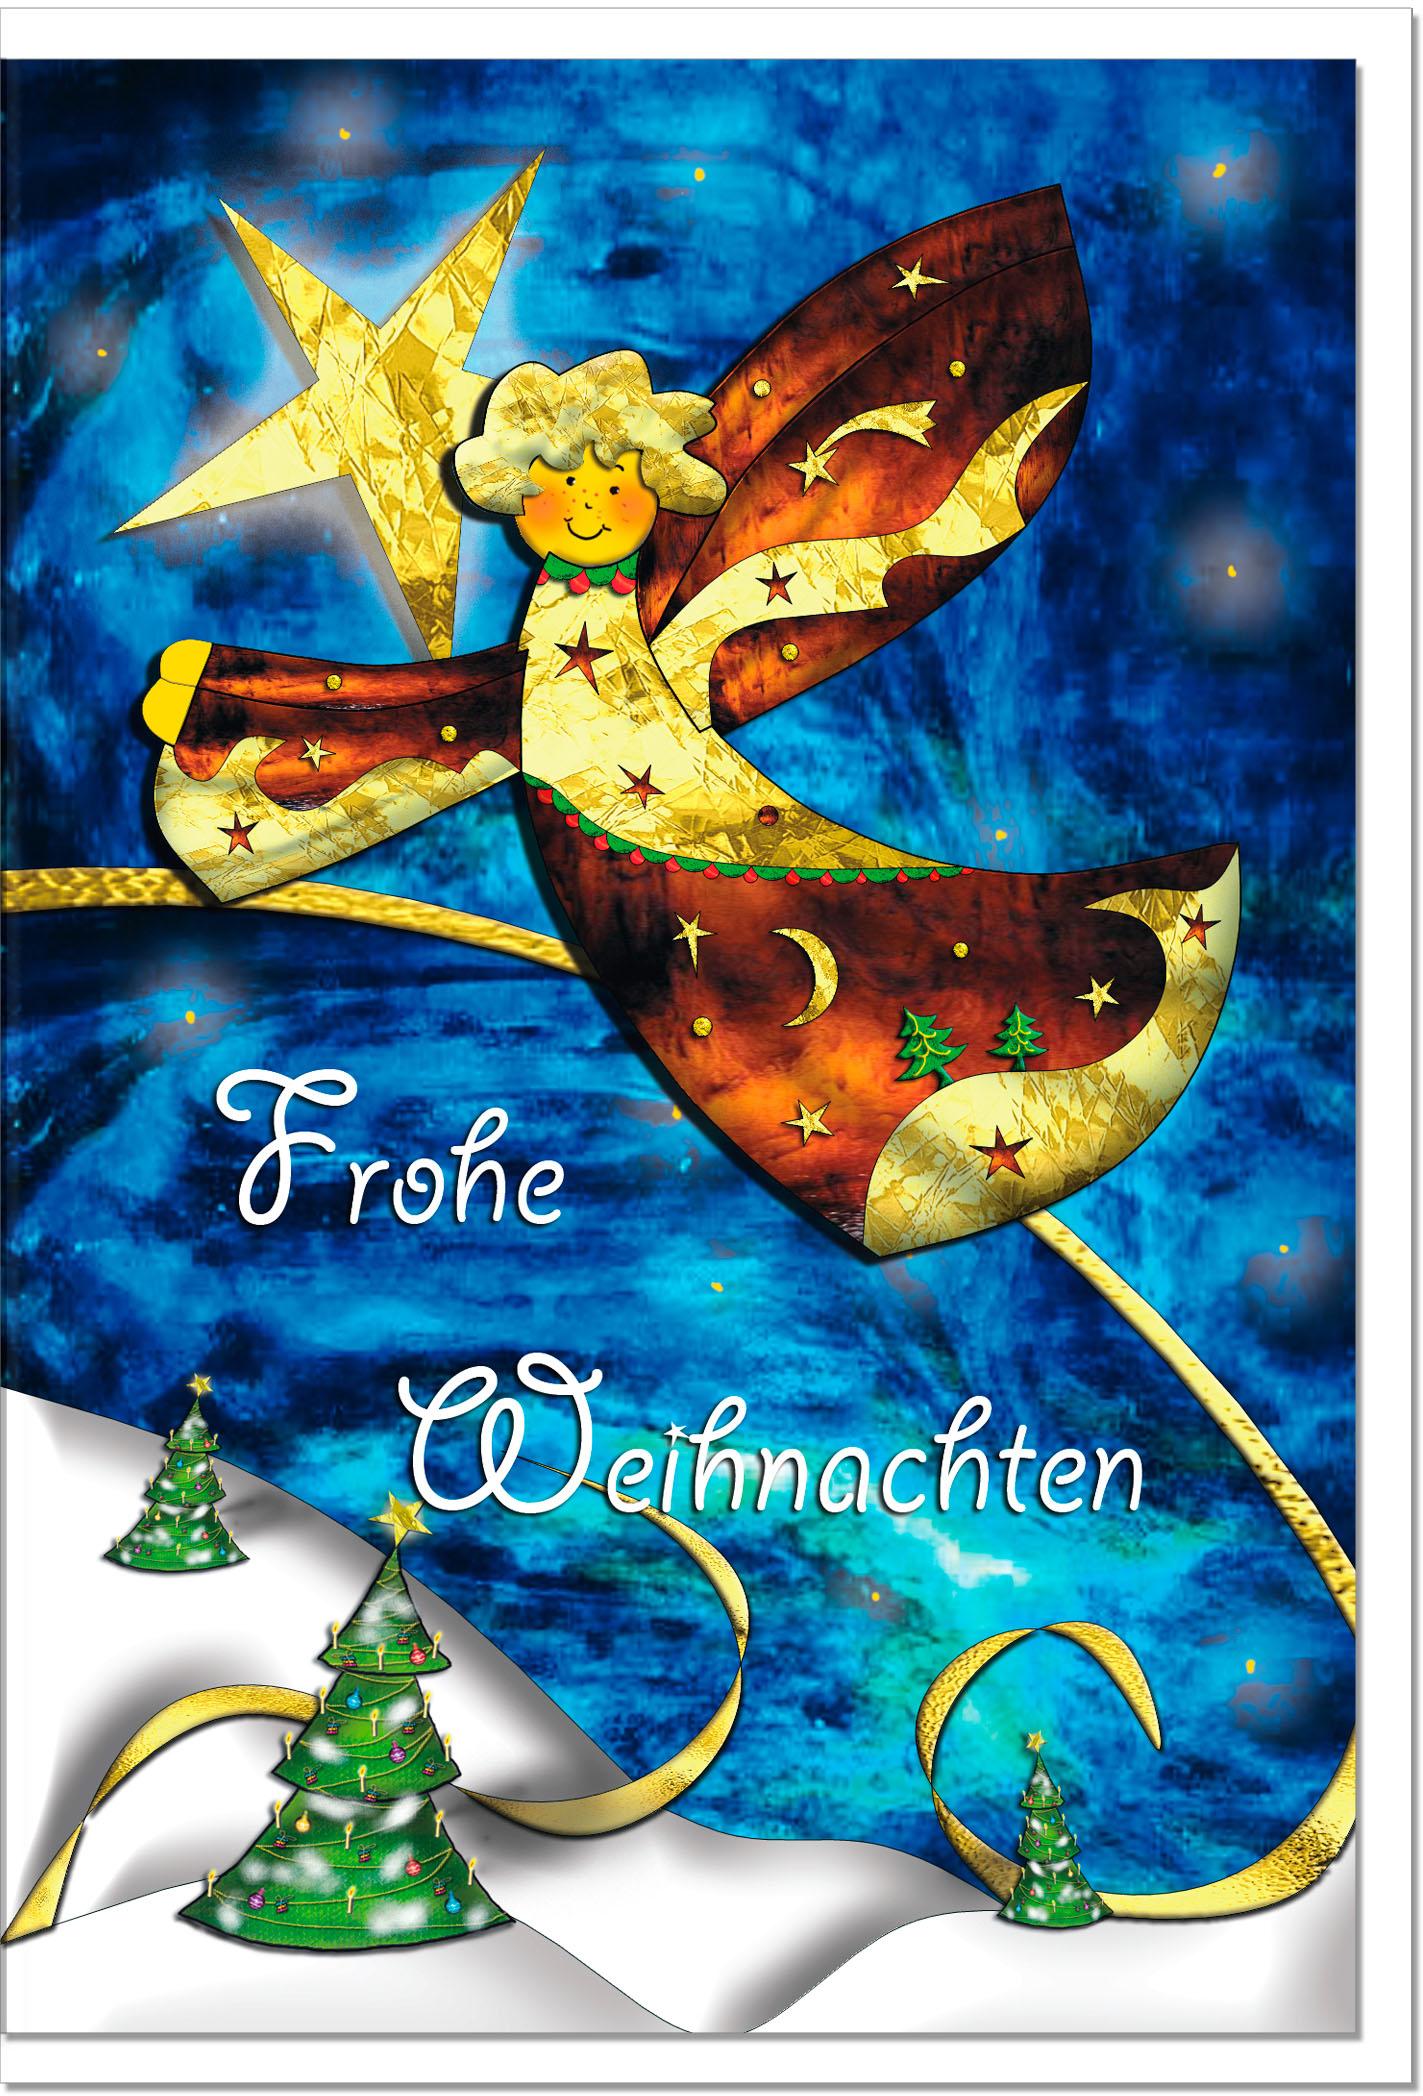 Weihnachtskarten / Grußkarten /Weihnachten Engel